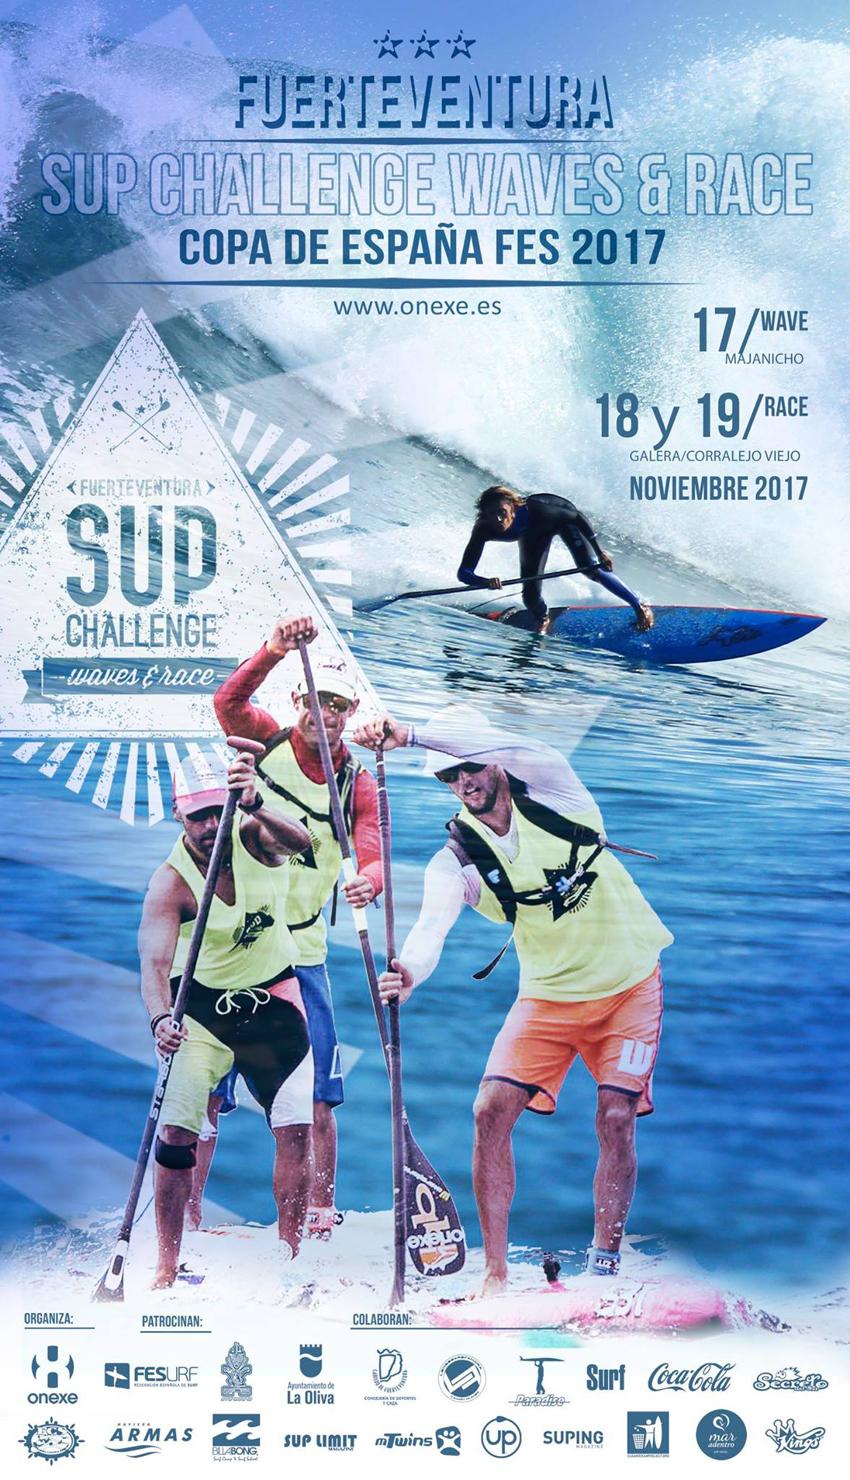 fuerteventura-sup-challenge-2017-